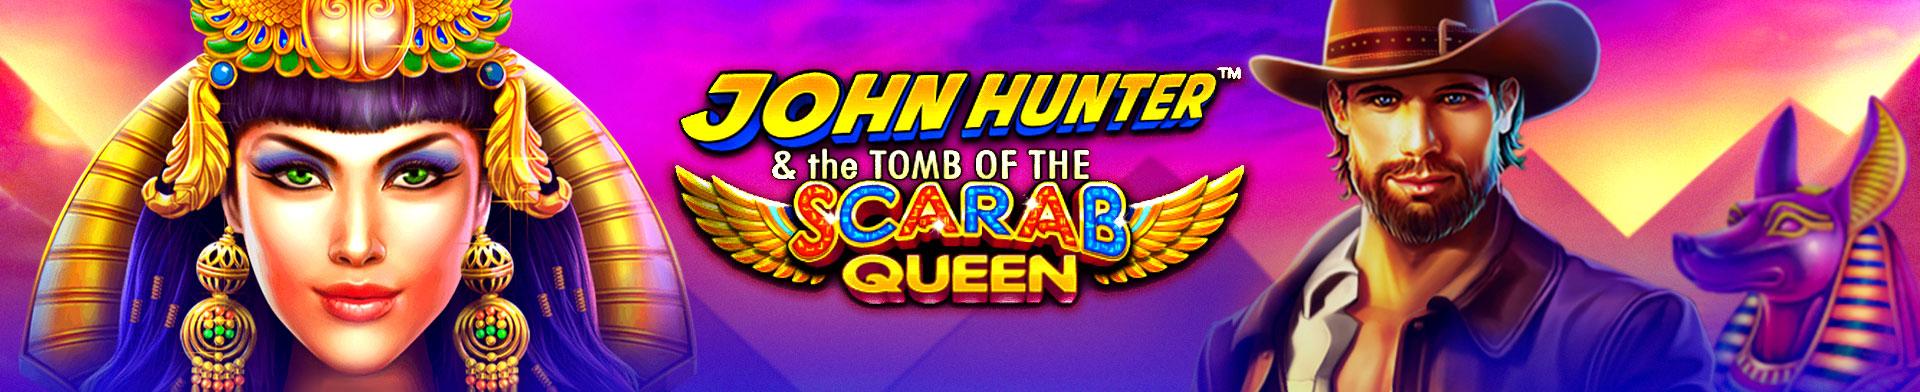 John Hunter banner